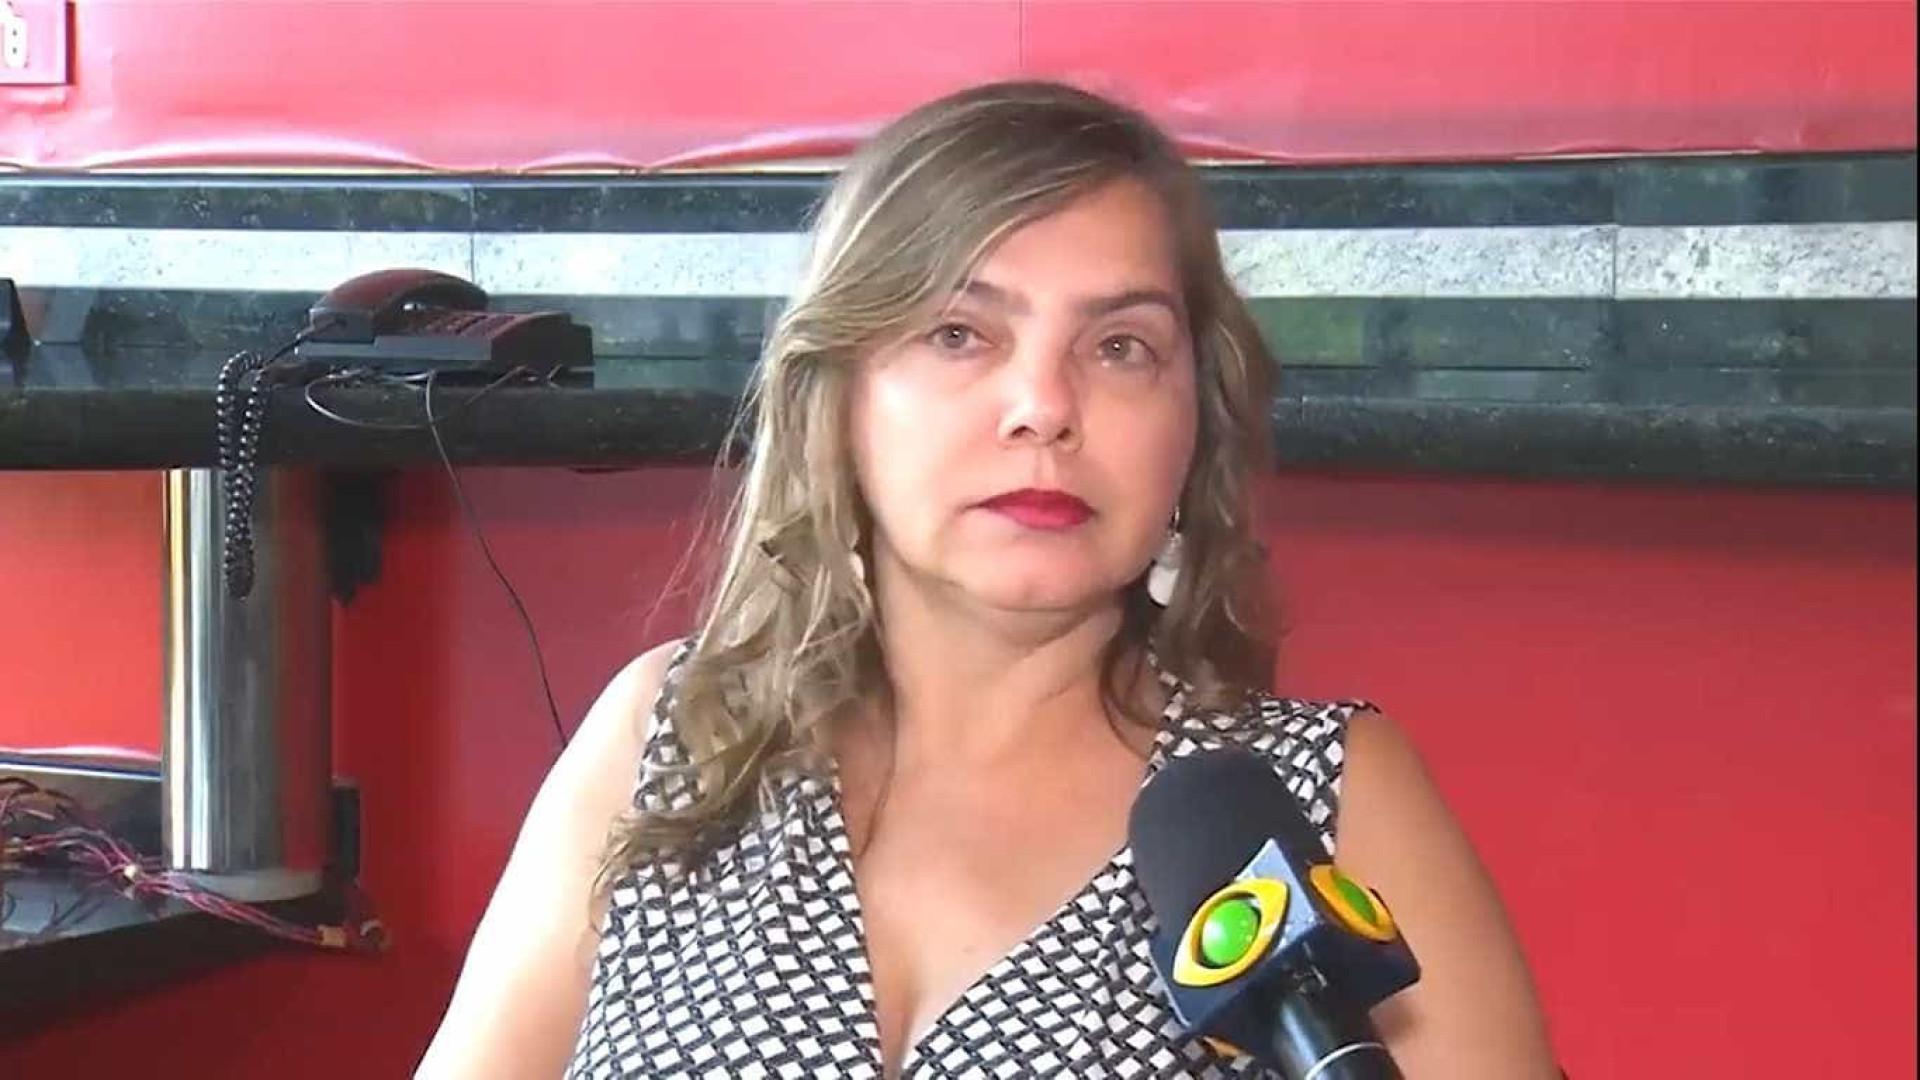 Procuradora de Câmara Municipal em Minas agride repórter da Band: 'ordinário'